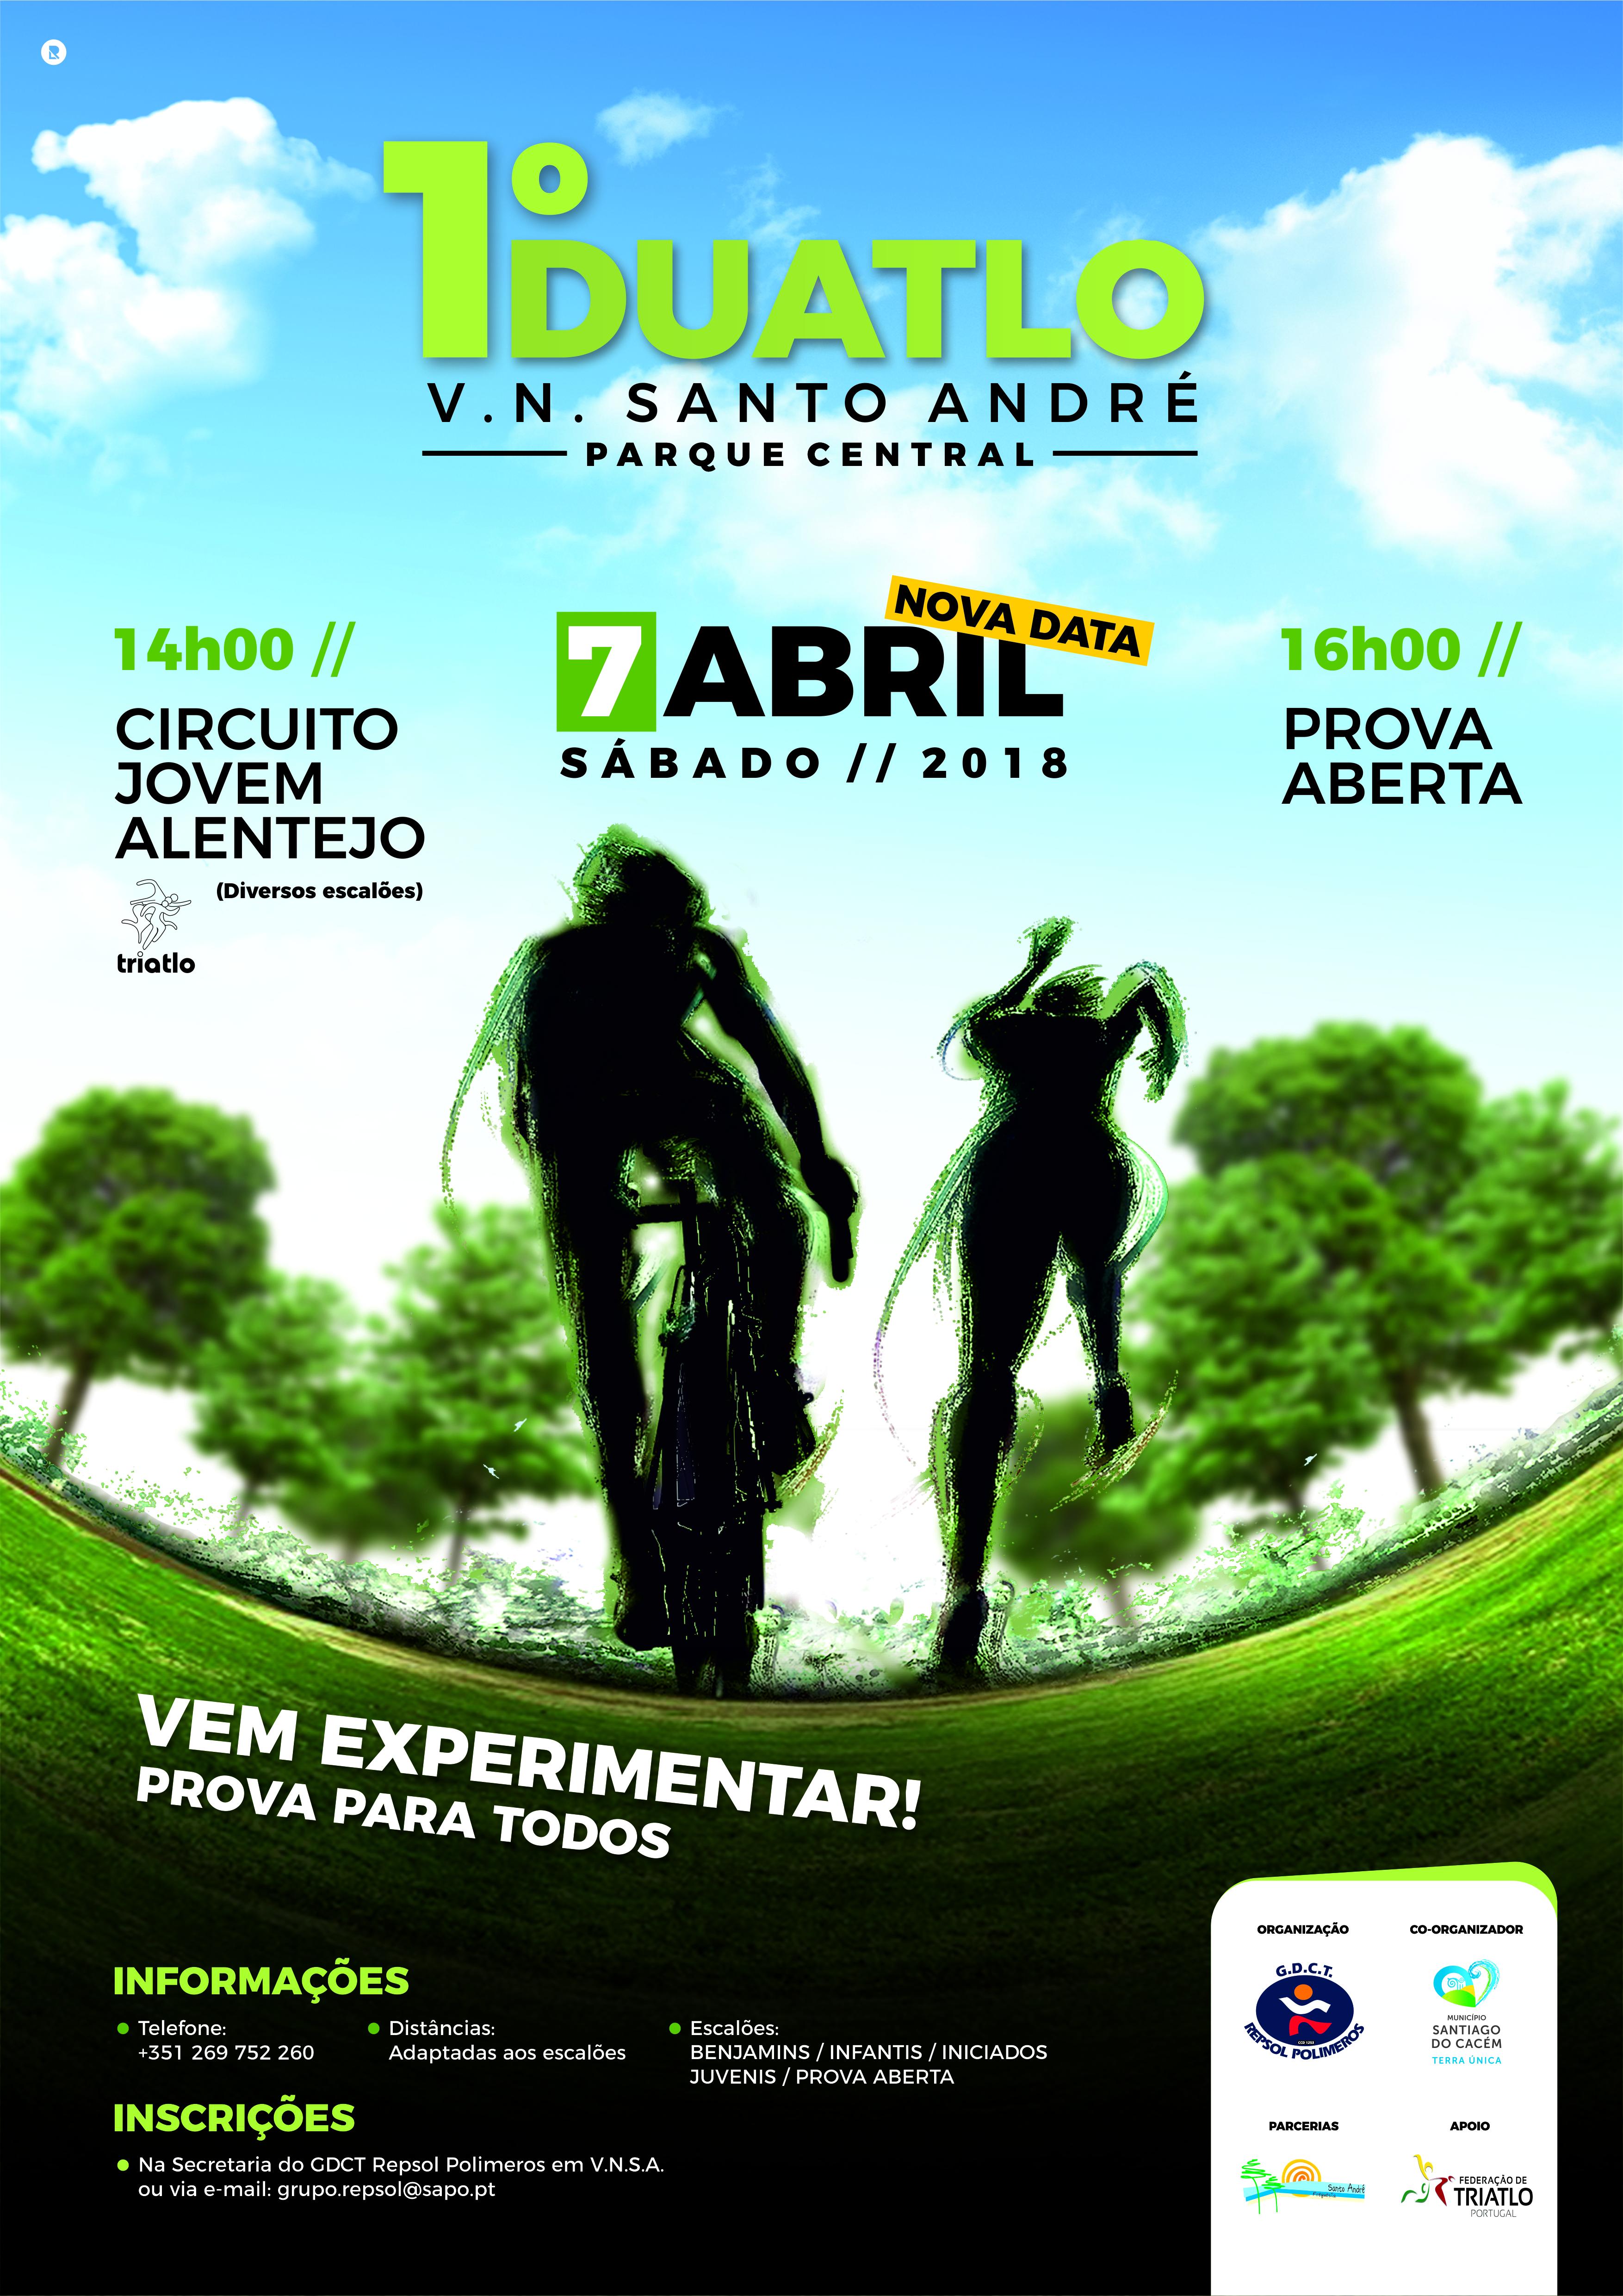 Cartaz-Duatlo-VNS-André-2